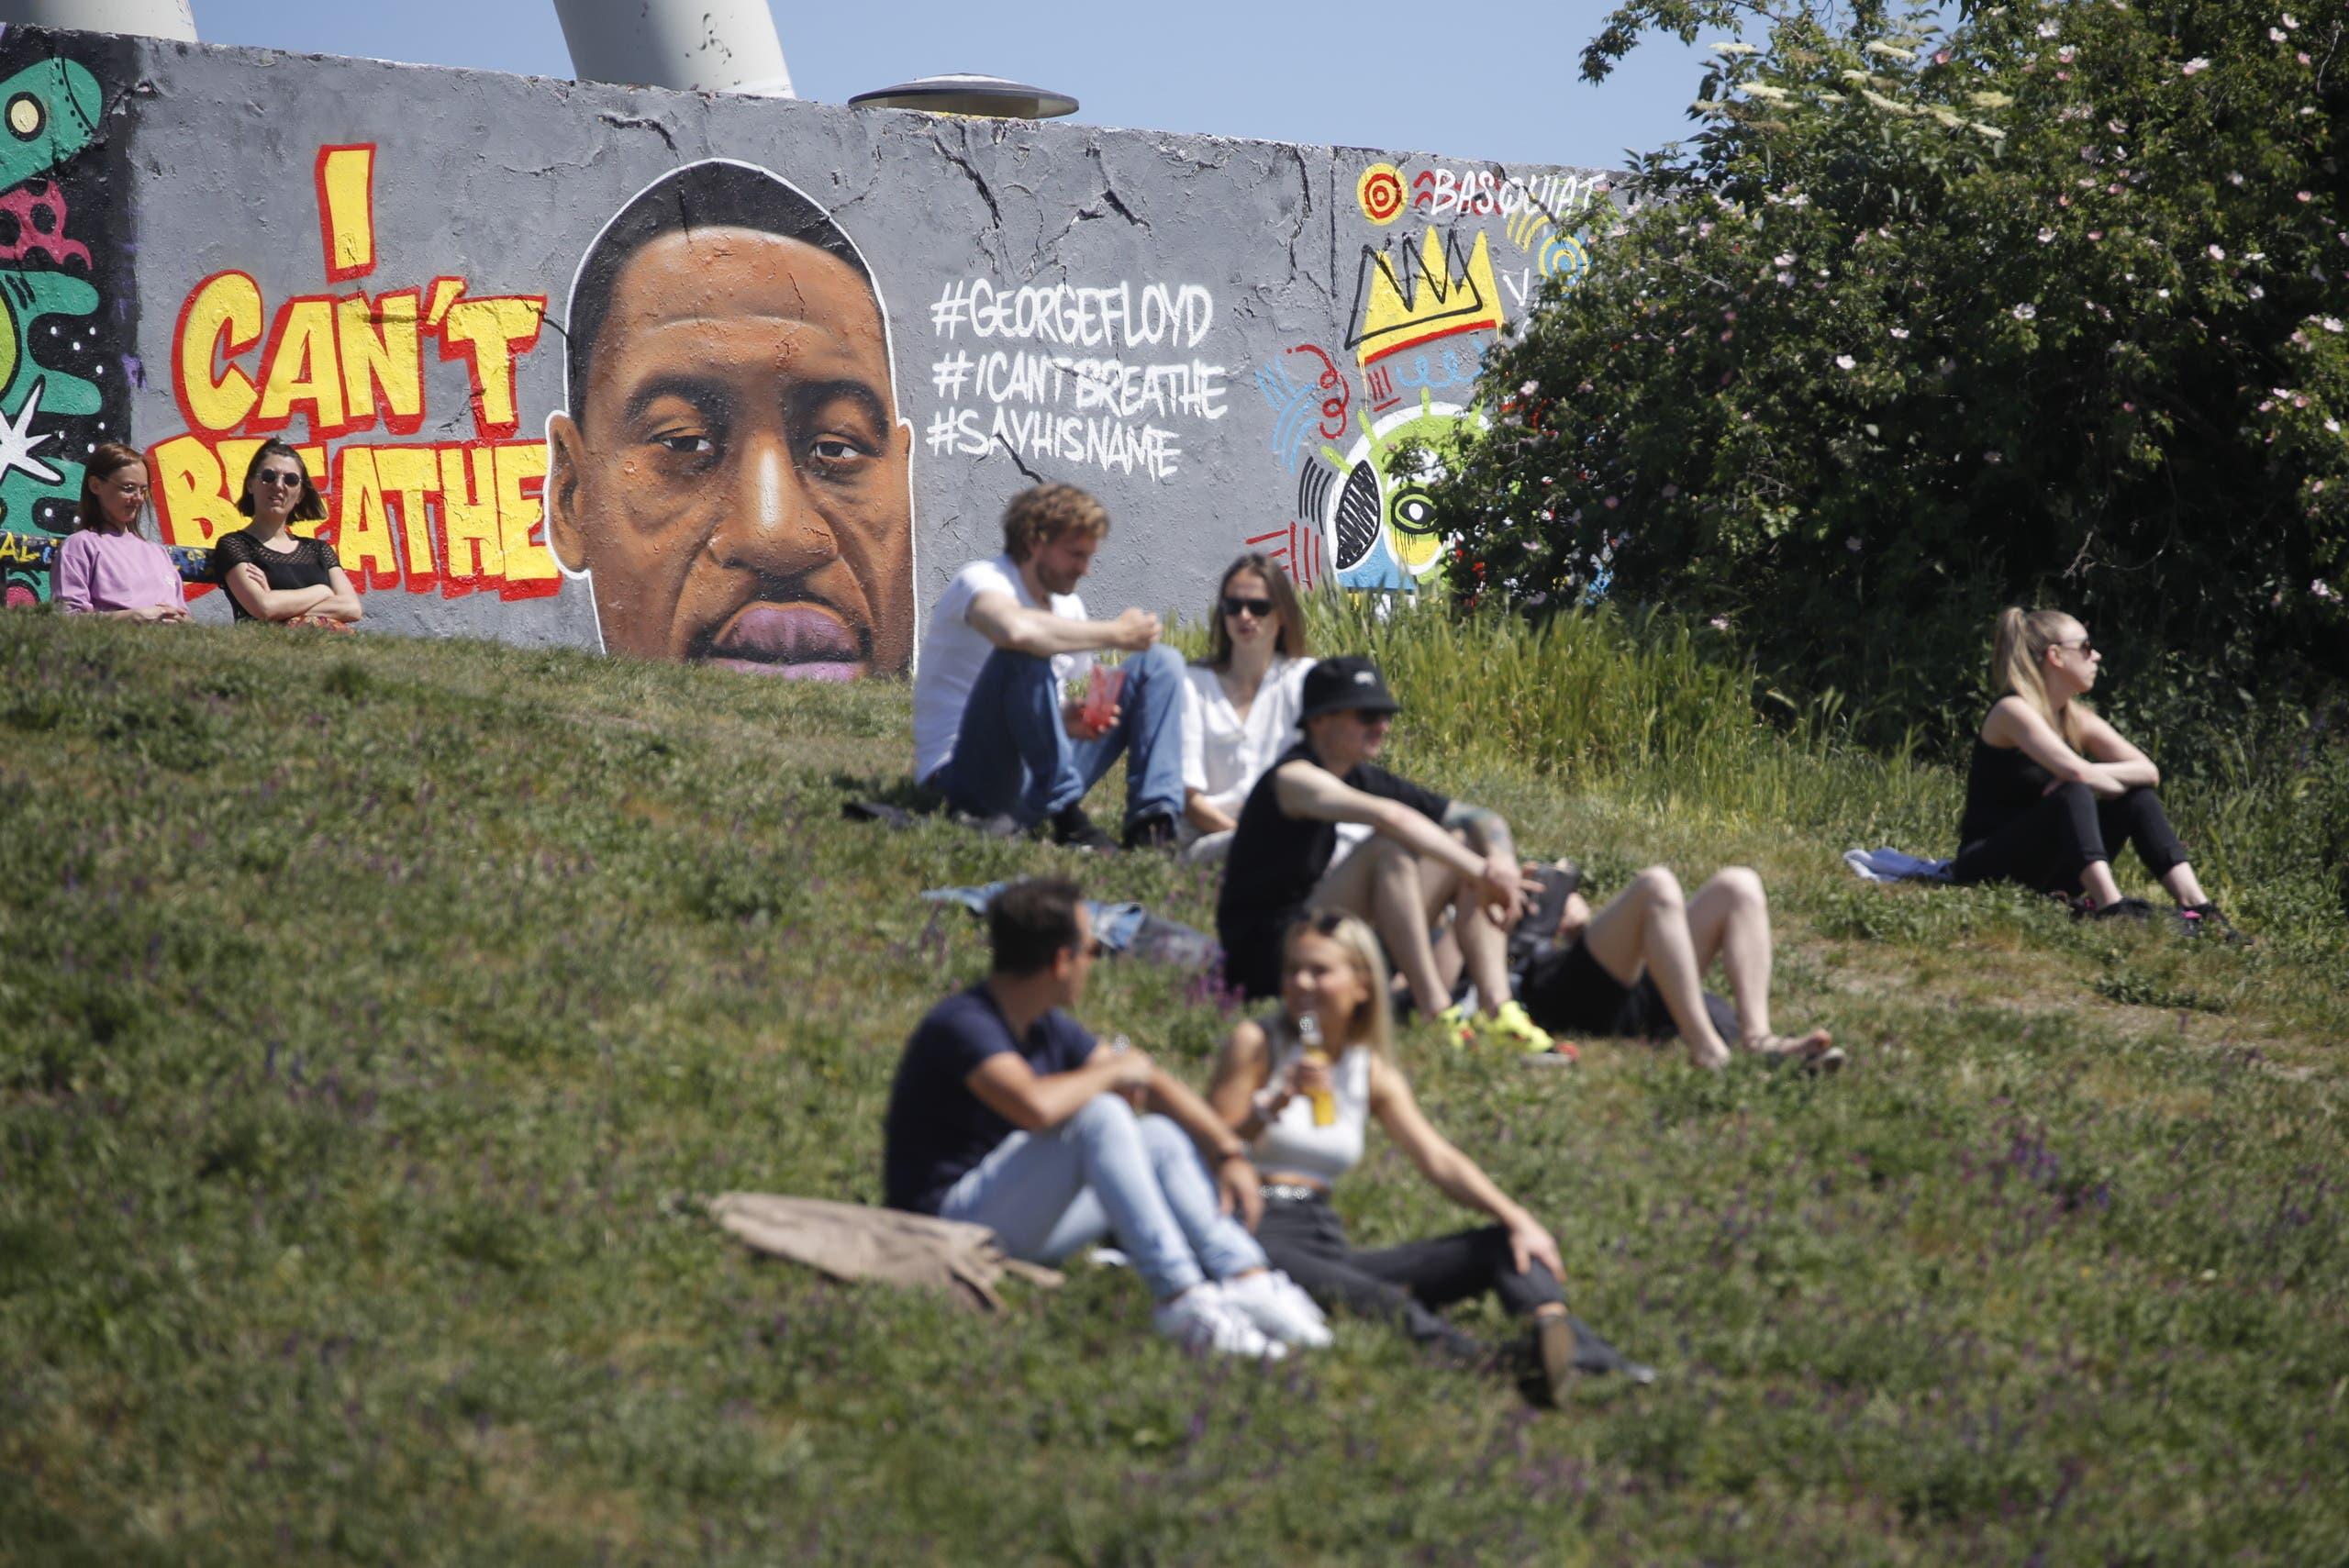 غرافيتي لفلويد